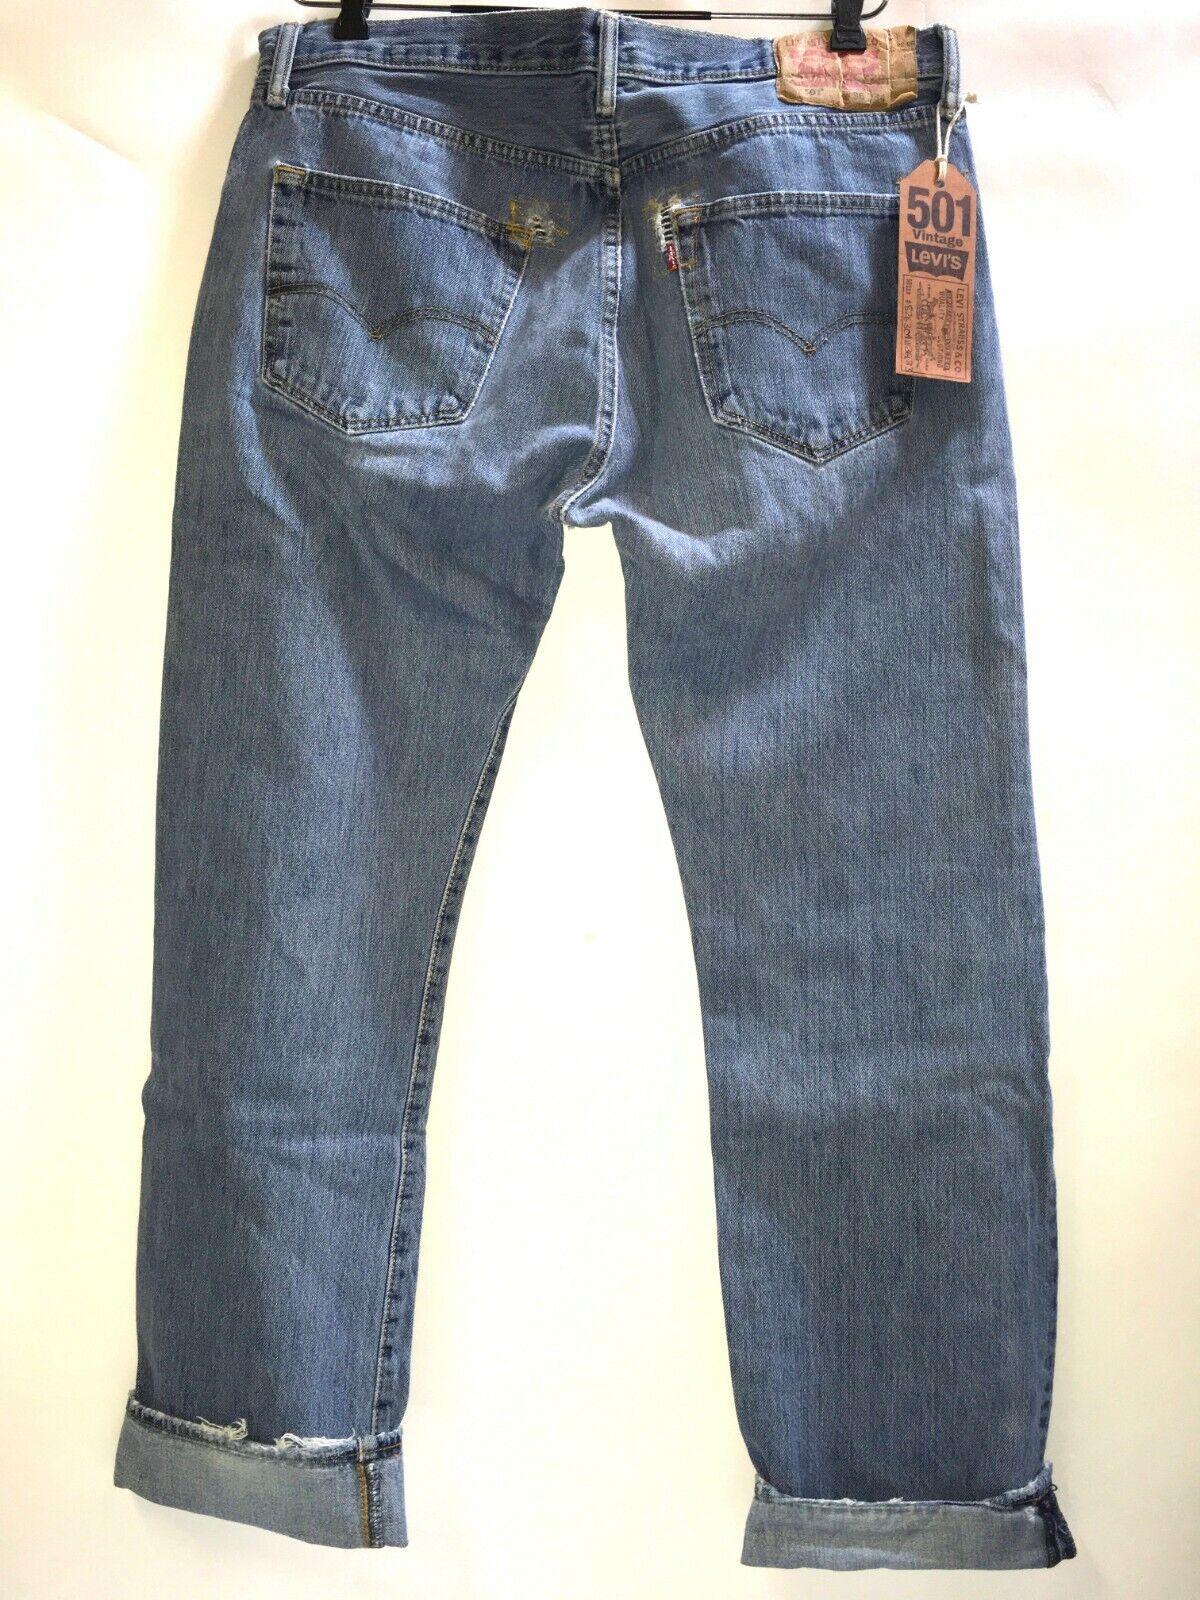 Levi's 501 Jeans Distressed Work Denim W36 x L32 … - image 2